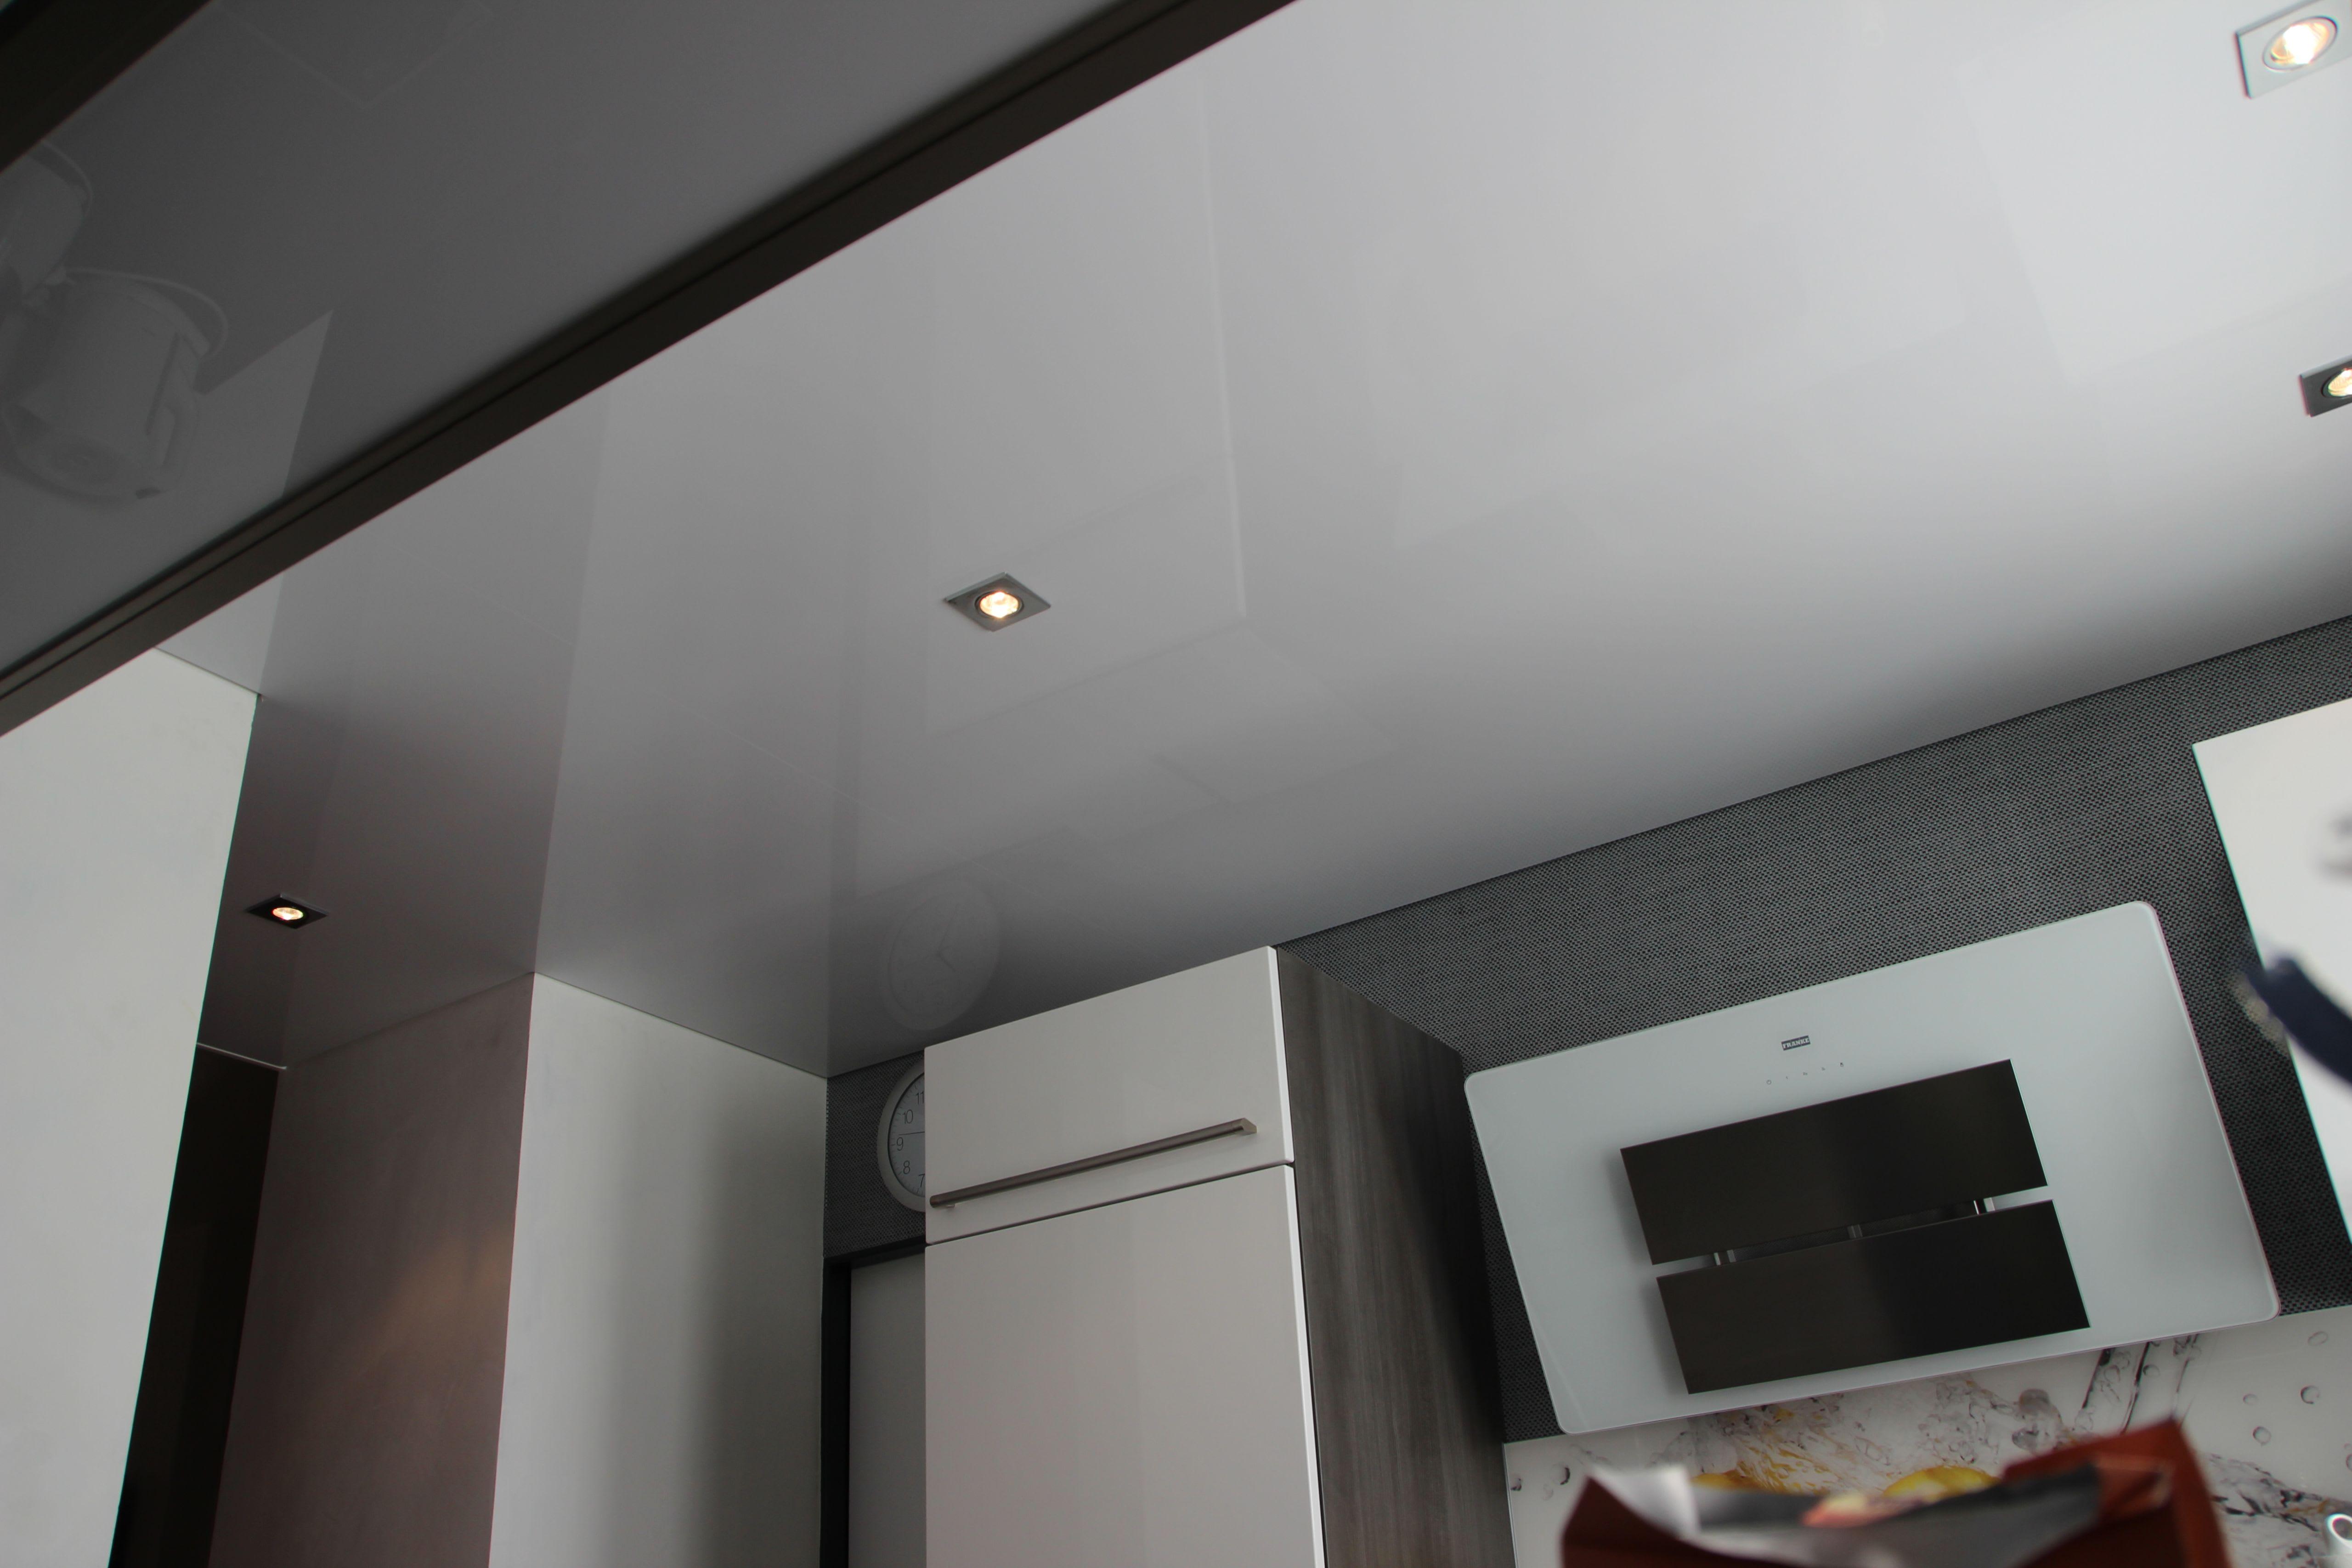 Küche weiße Spanndecke hochglanz Abzugshaube